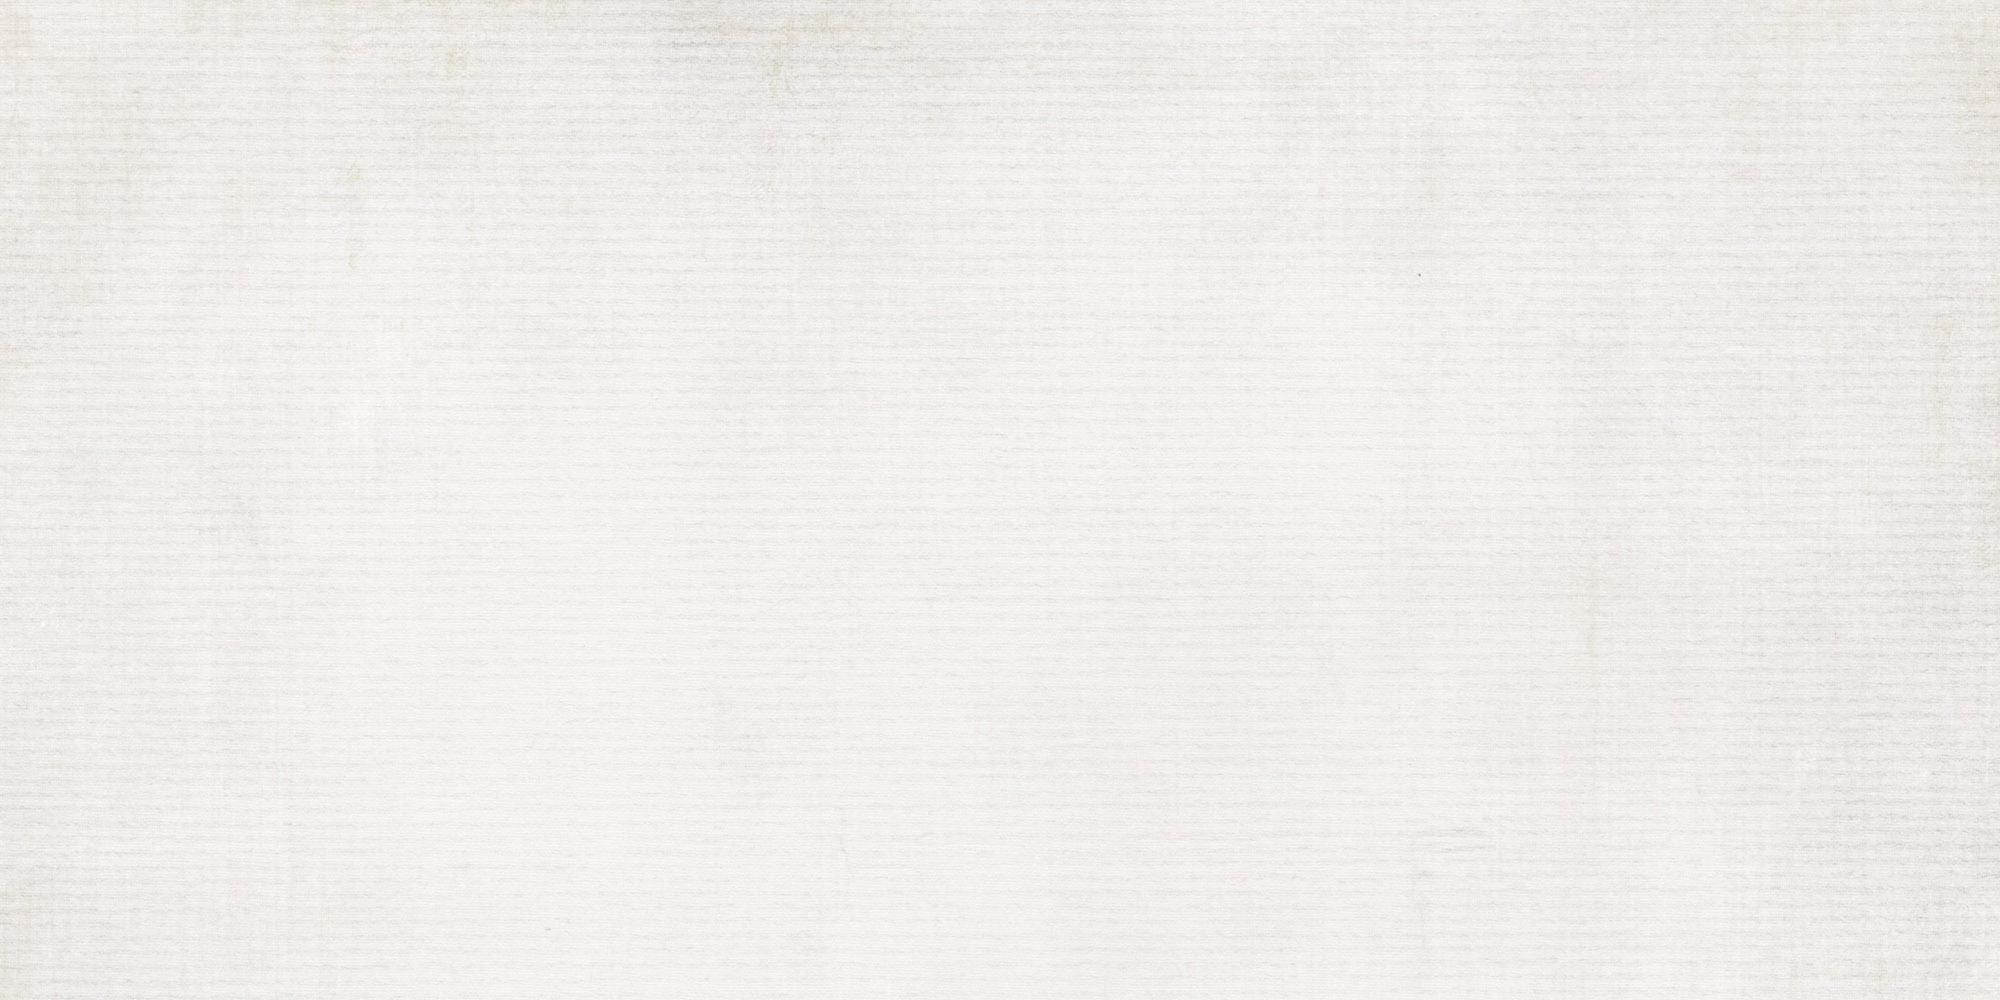 Cream Colored Wallpaper 2000x1000